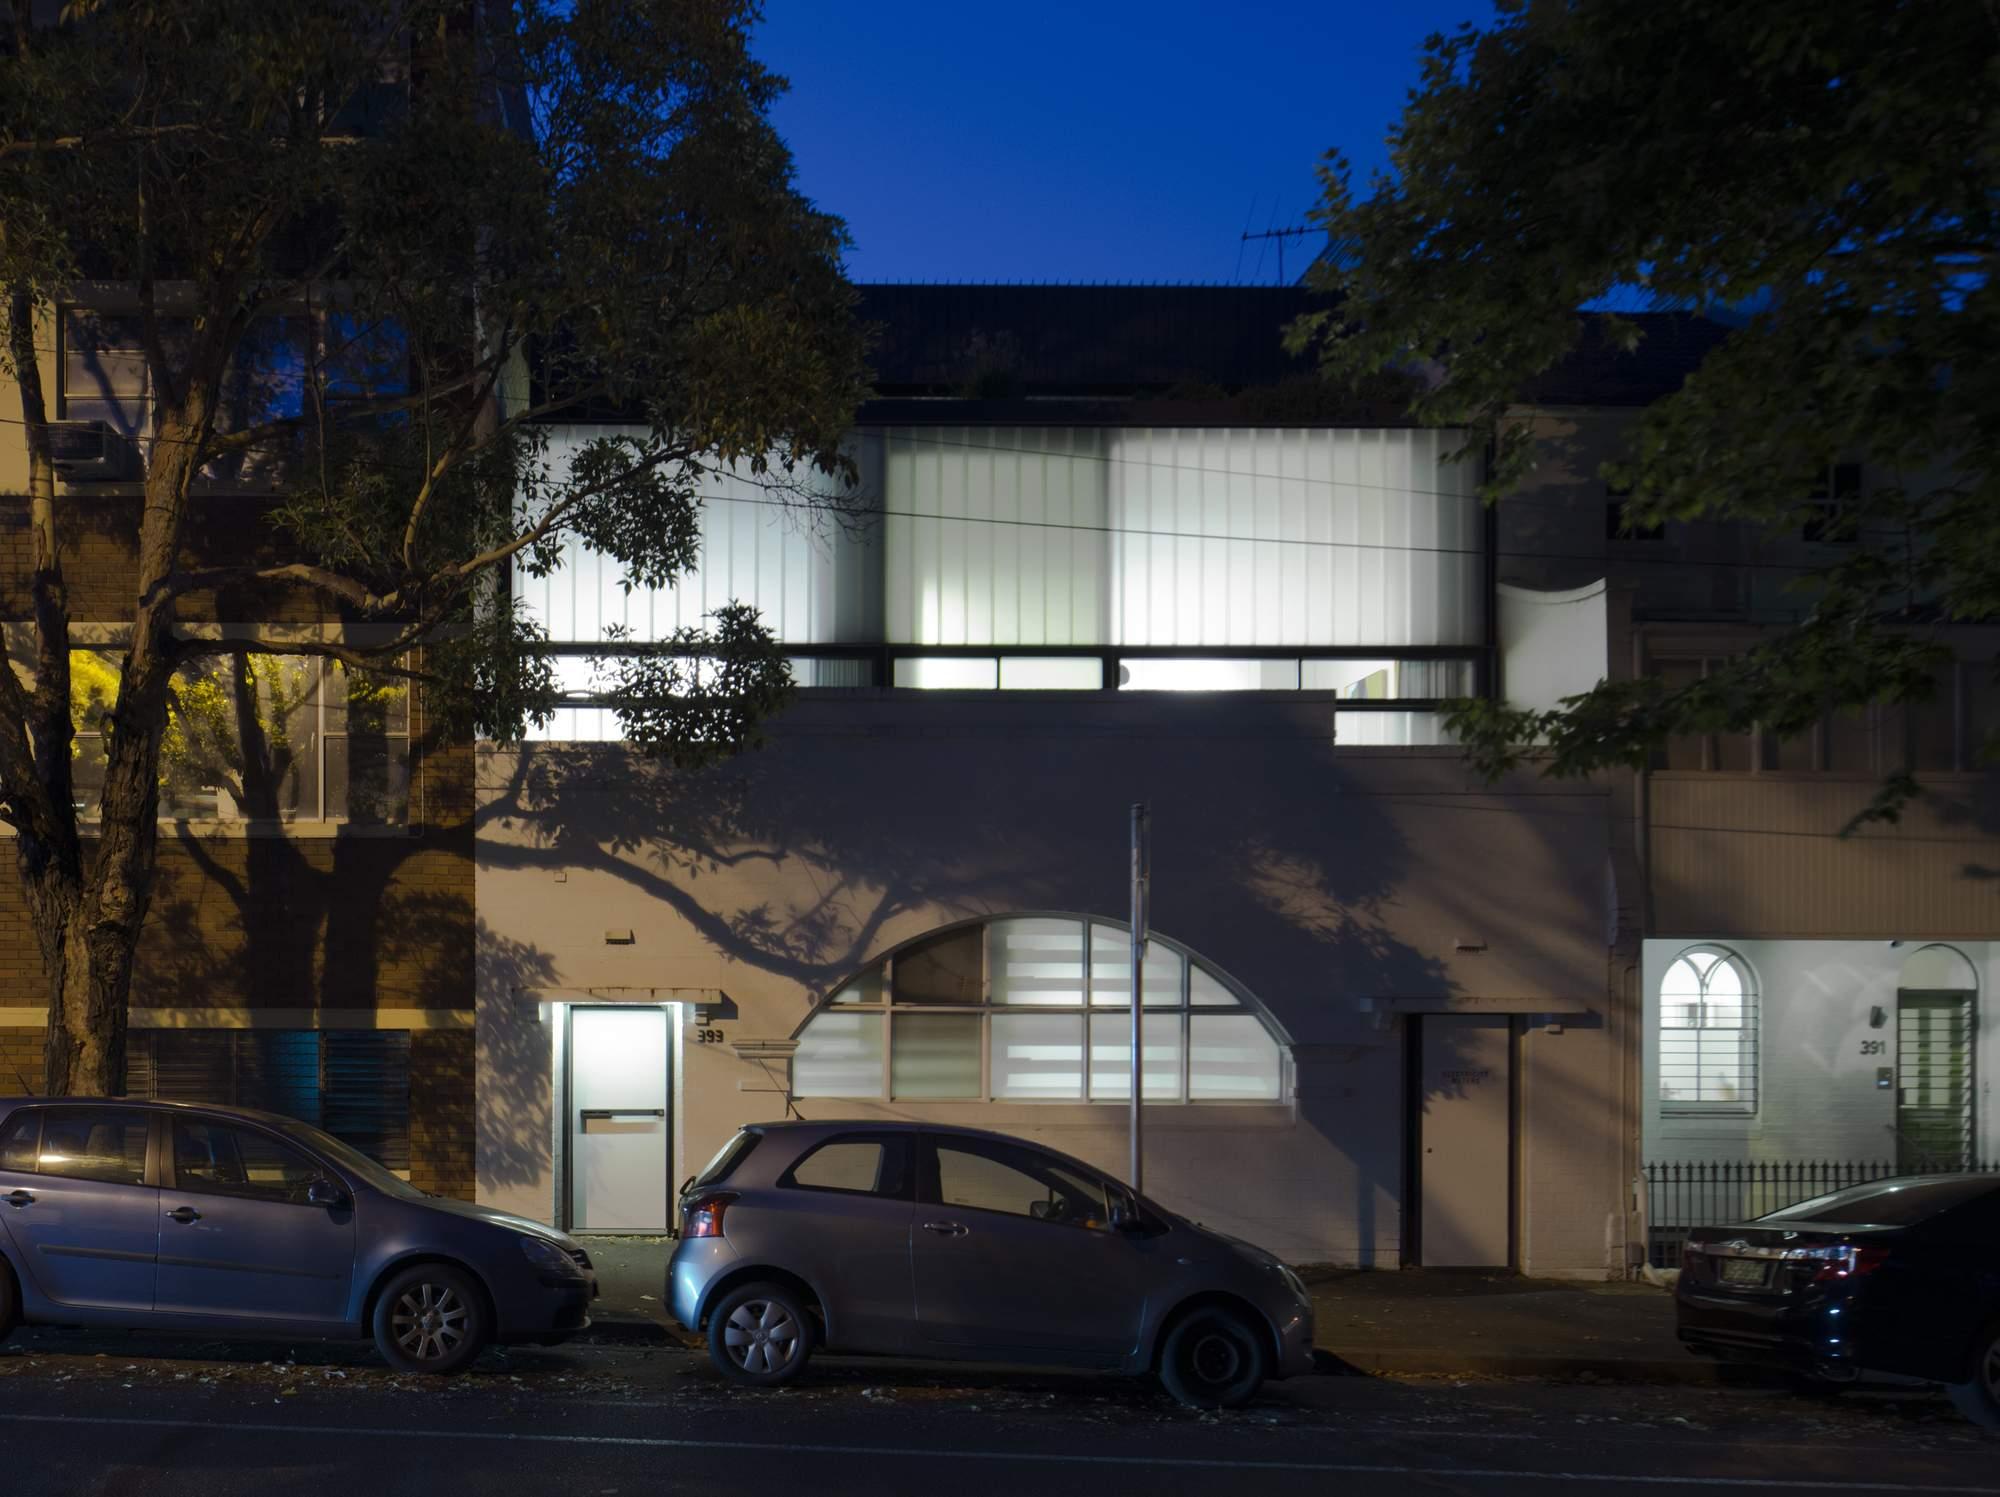 Семейная резиденция на месте бывшего склада в Сиднее, Австралия